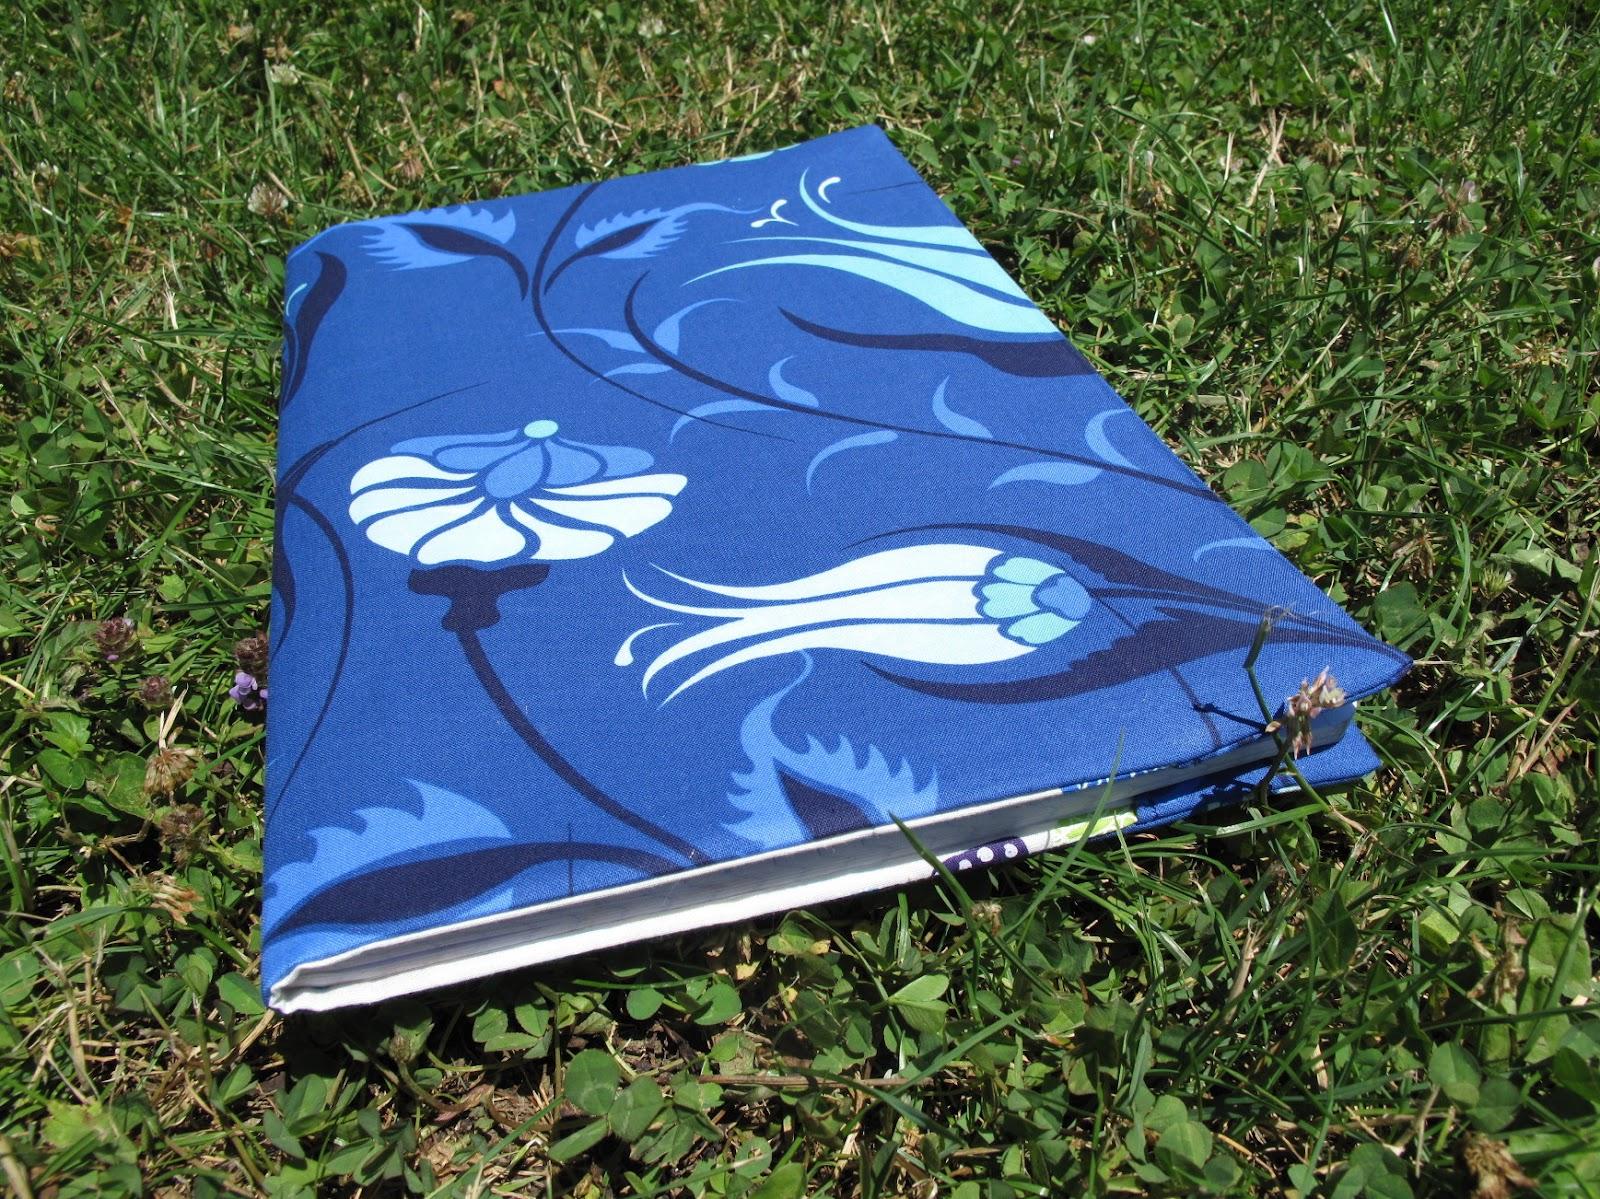 Couture la maison sewing at home nouveau prot ge cahier pour l 39 ann e scolaire 2012 2013 - Couture pour la maison ...